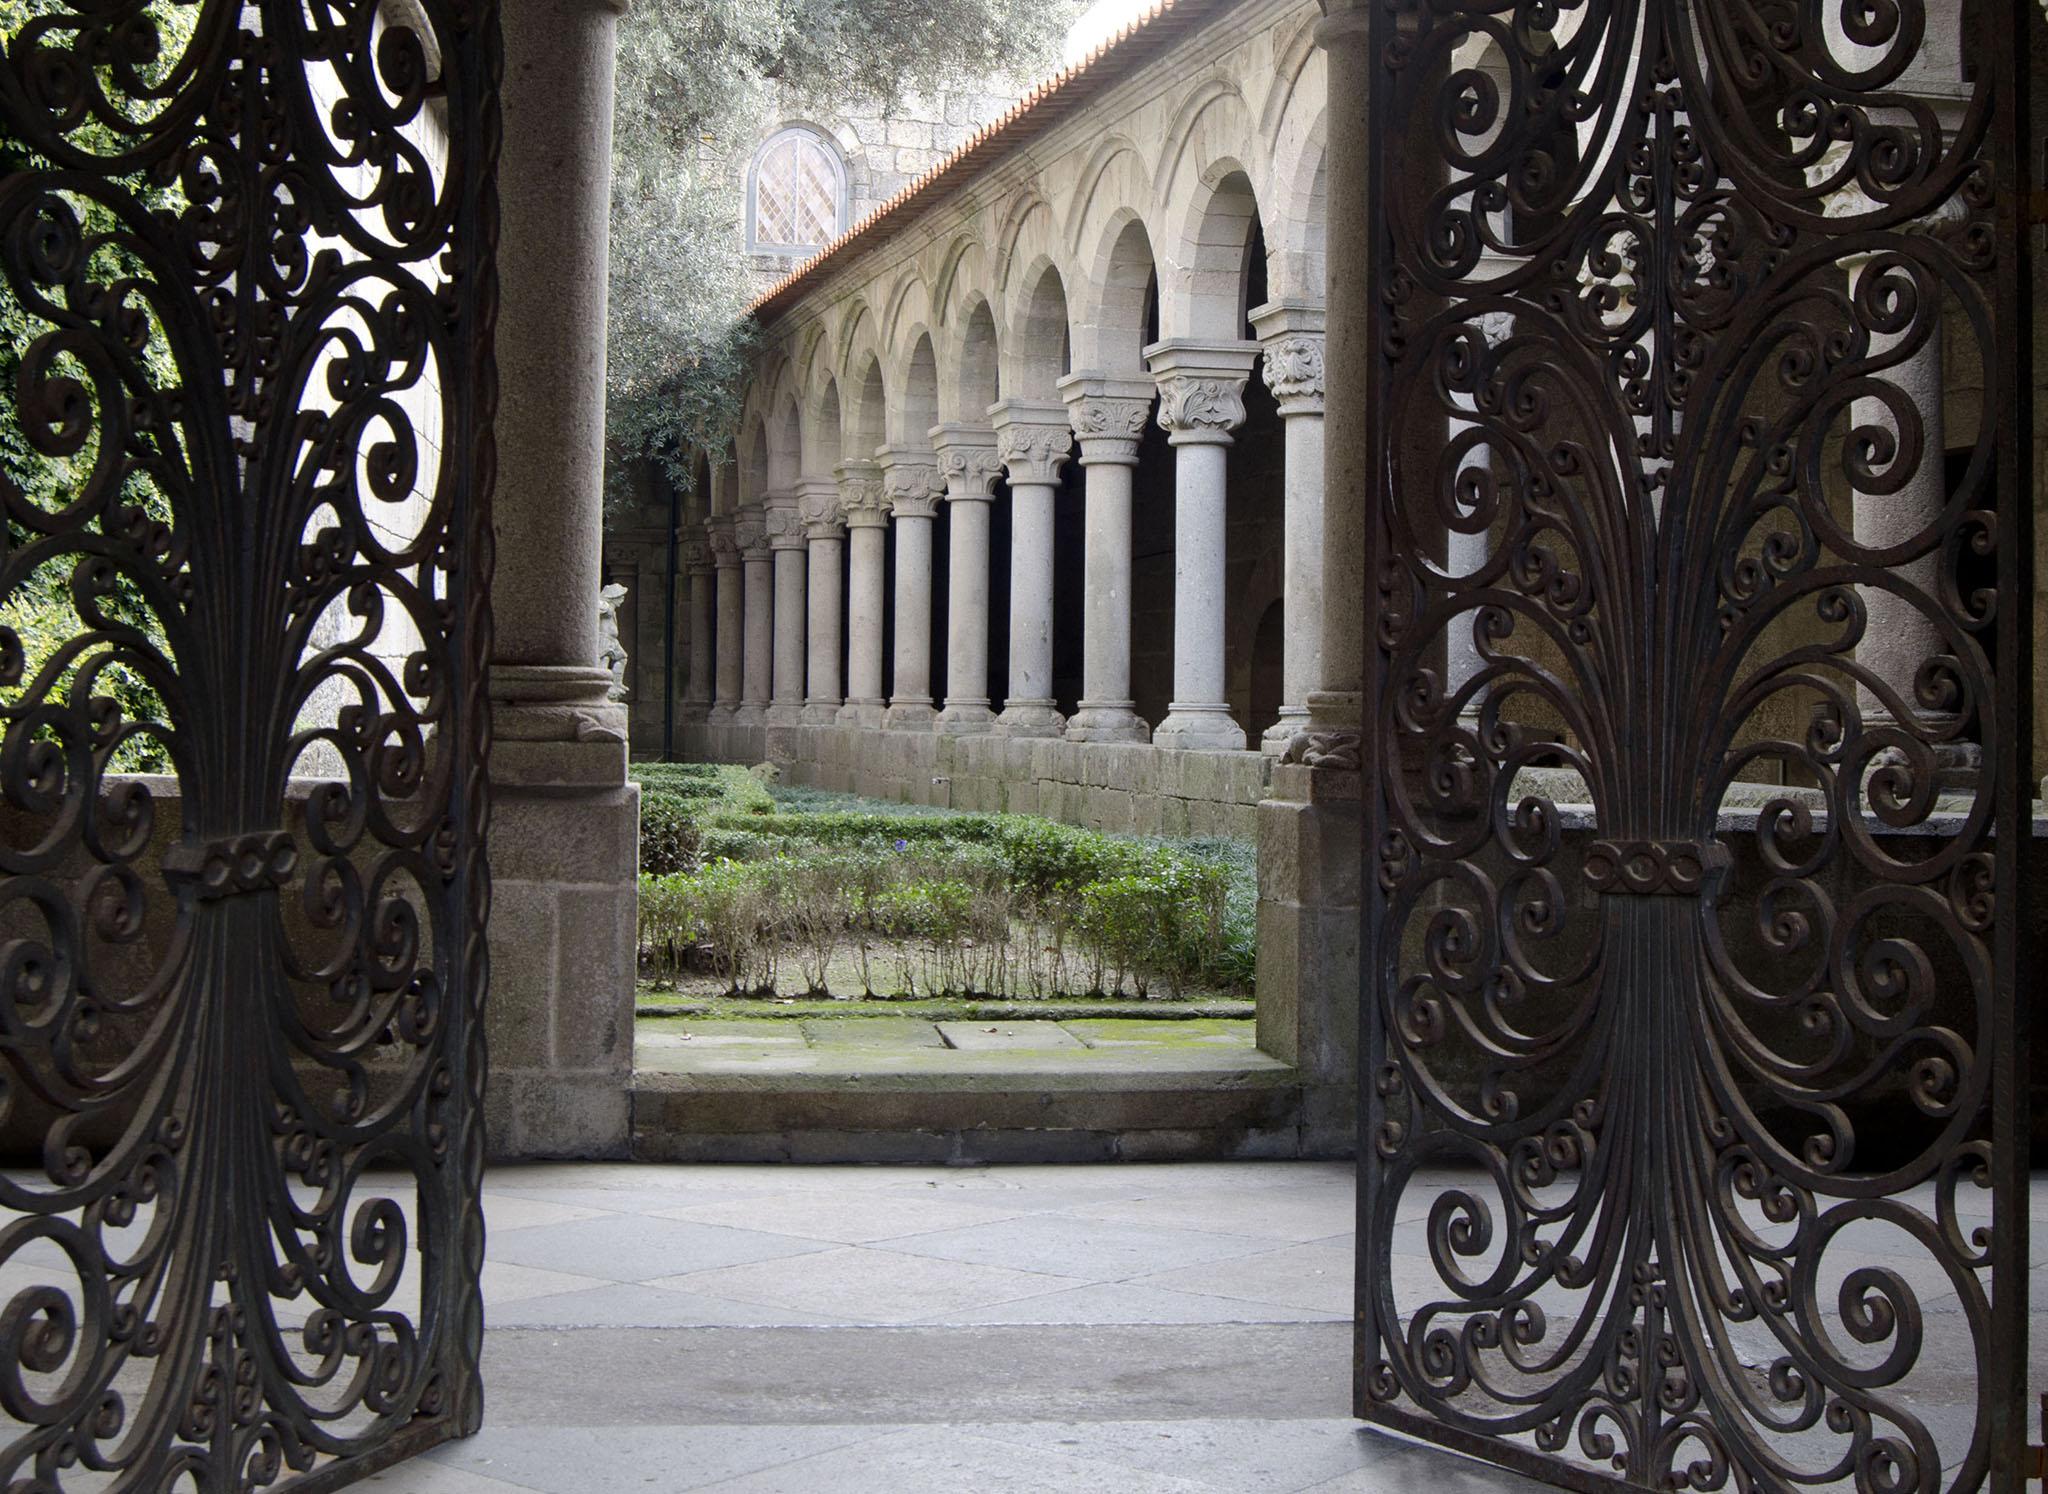 Vista para o interior do claustro, através do portão de ferro forjado